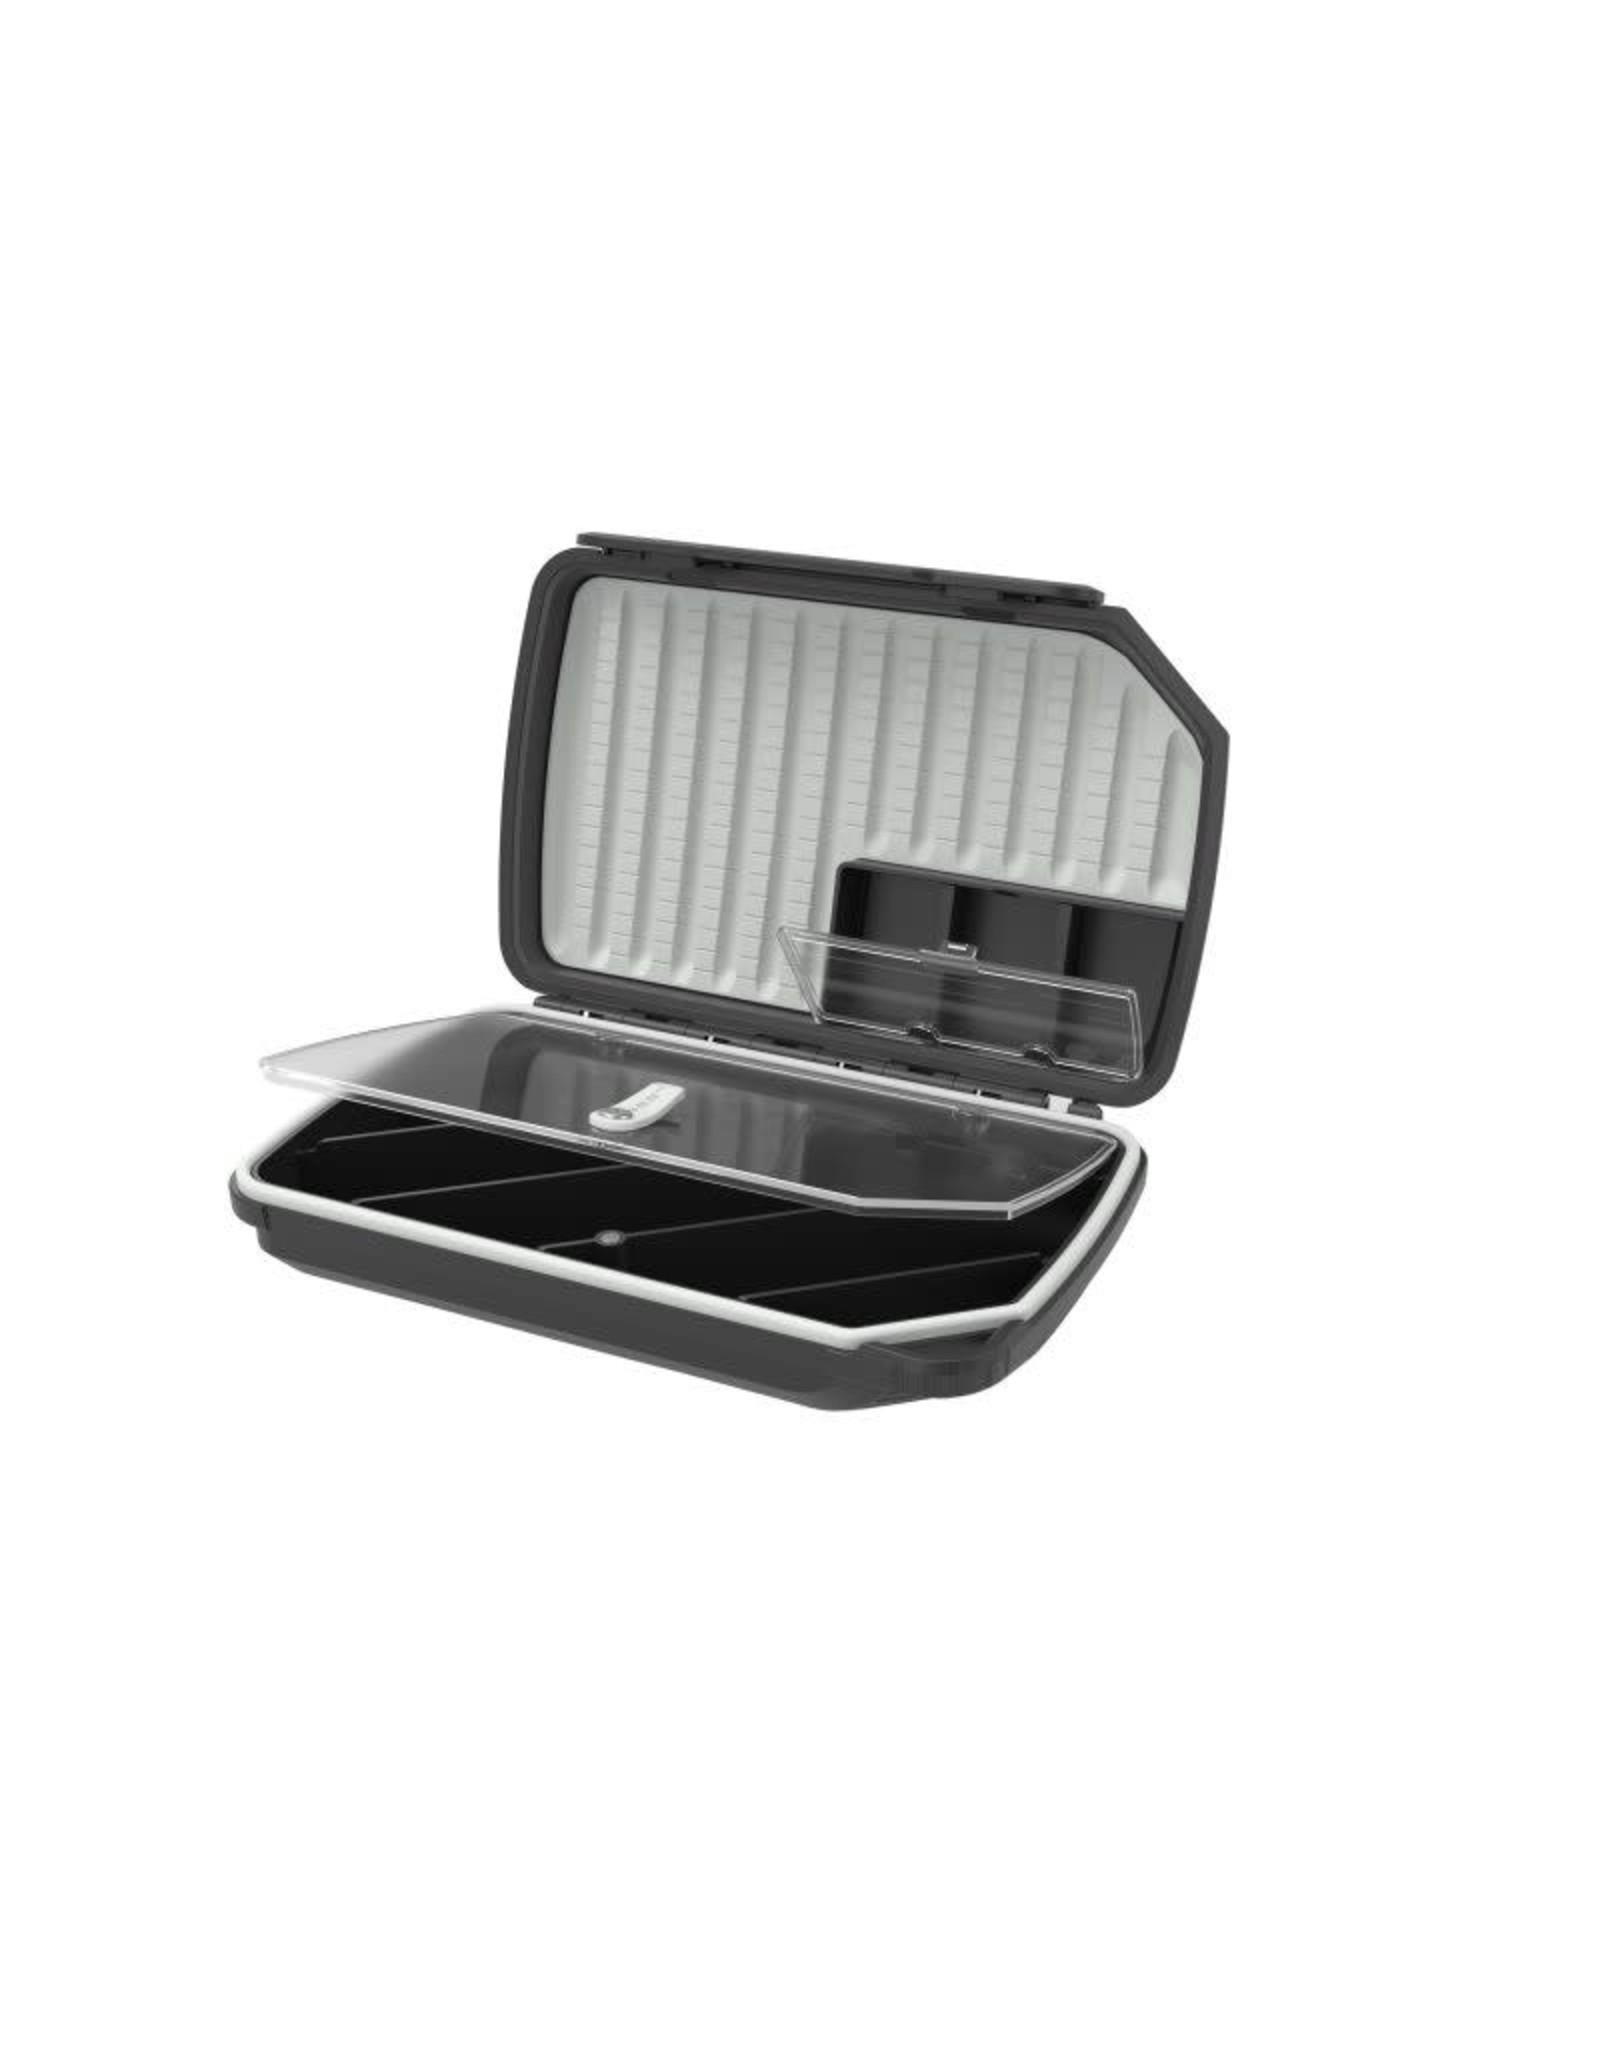 LOOP Opti 180 Tube Fly Box - Carbon Grey